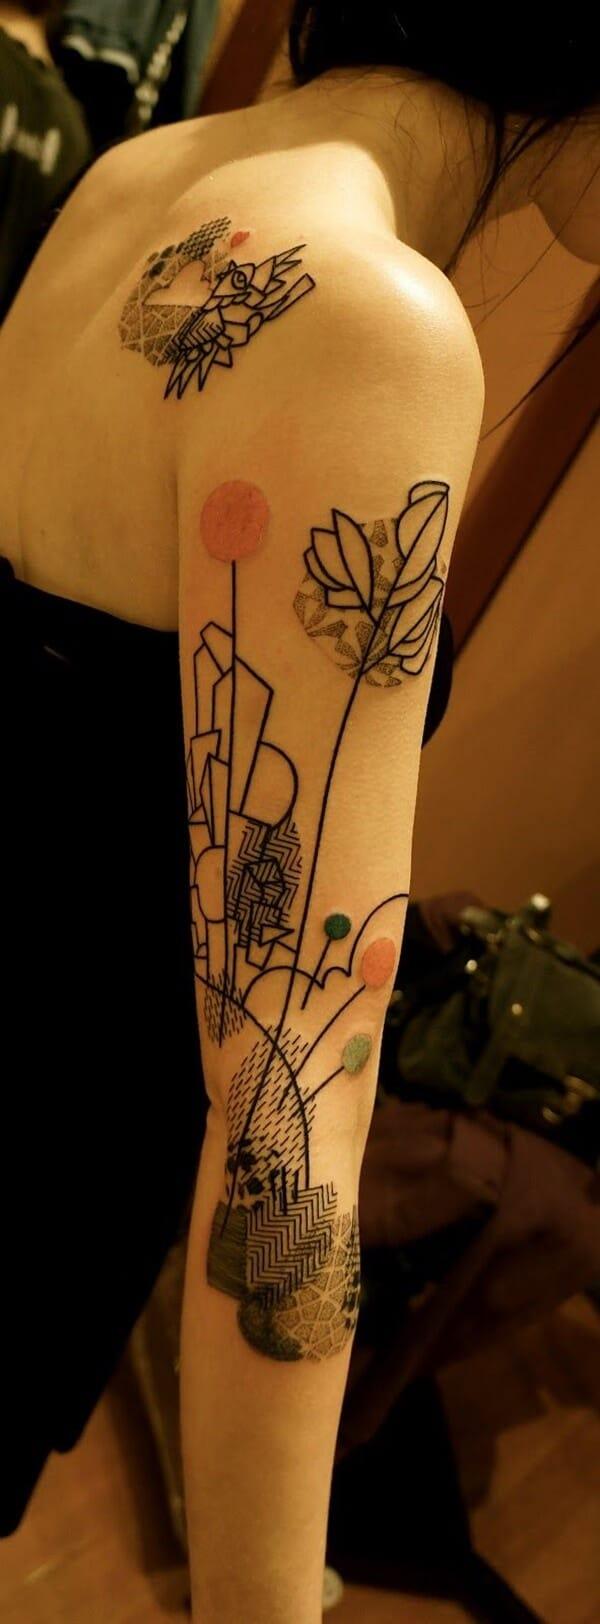 Tatouage abstrait femme : 25+ idées de tatouages et sa signification 7